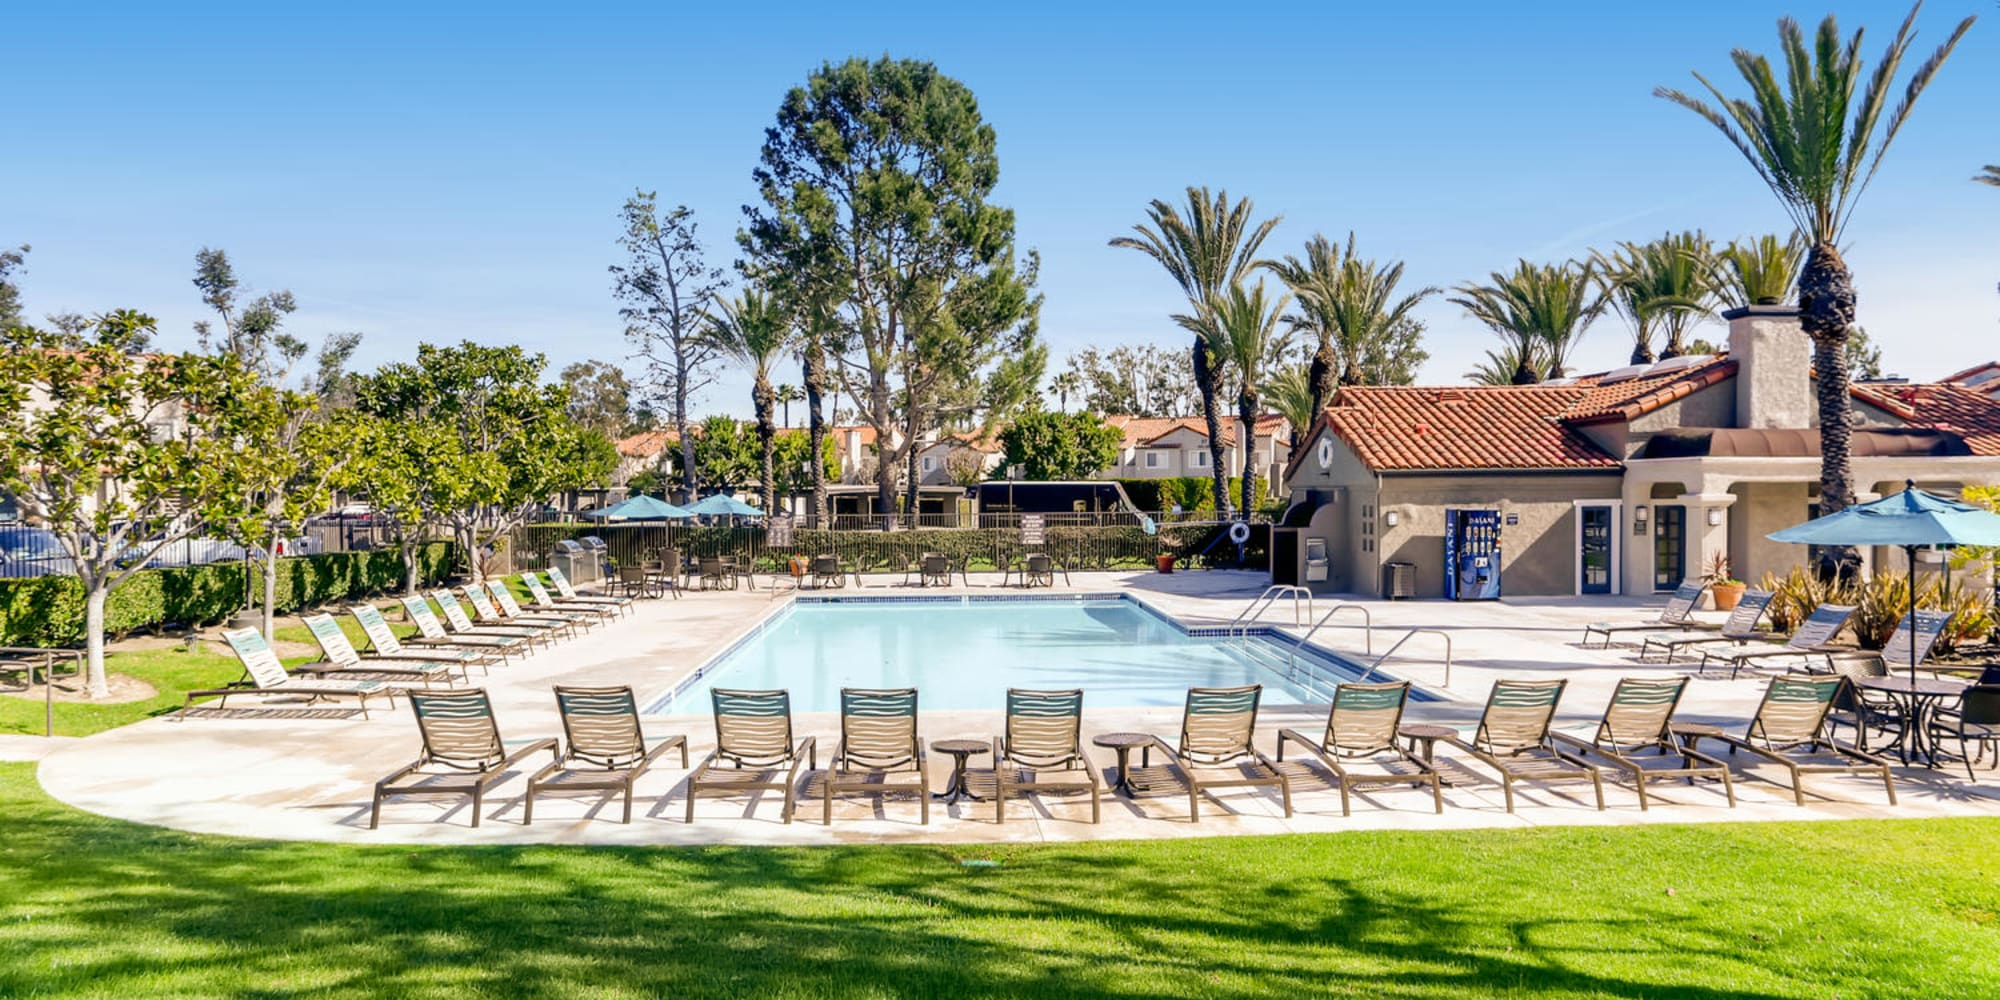 Apartments at Hidden Hills Condominium Rentals in Laguna Niguel, California